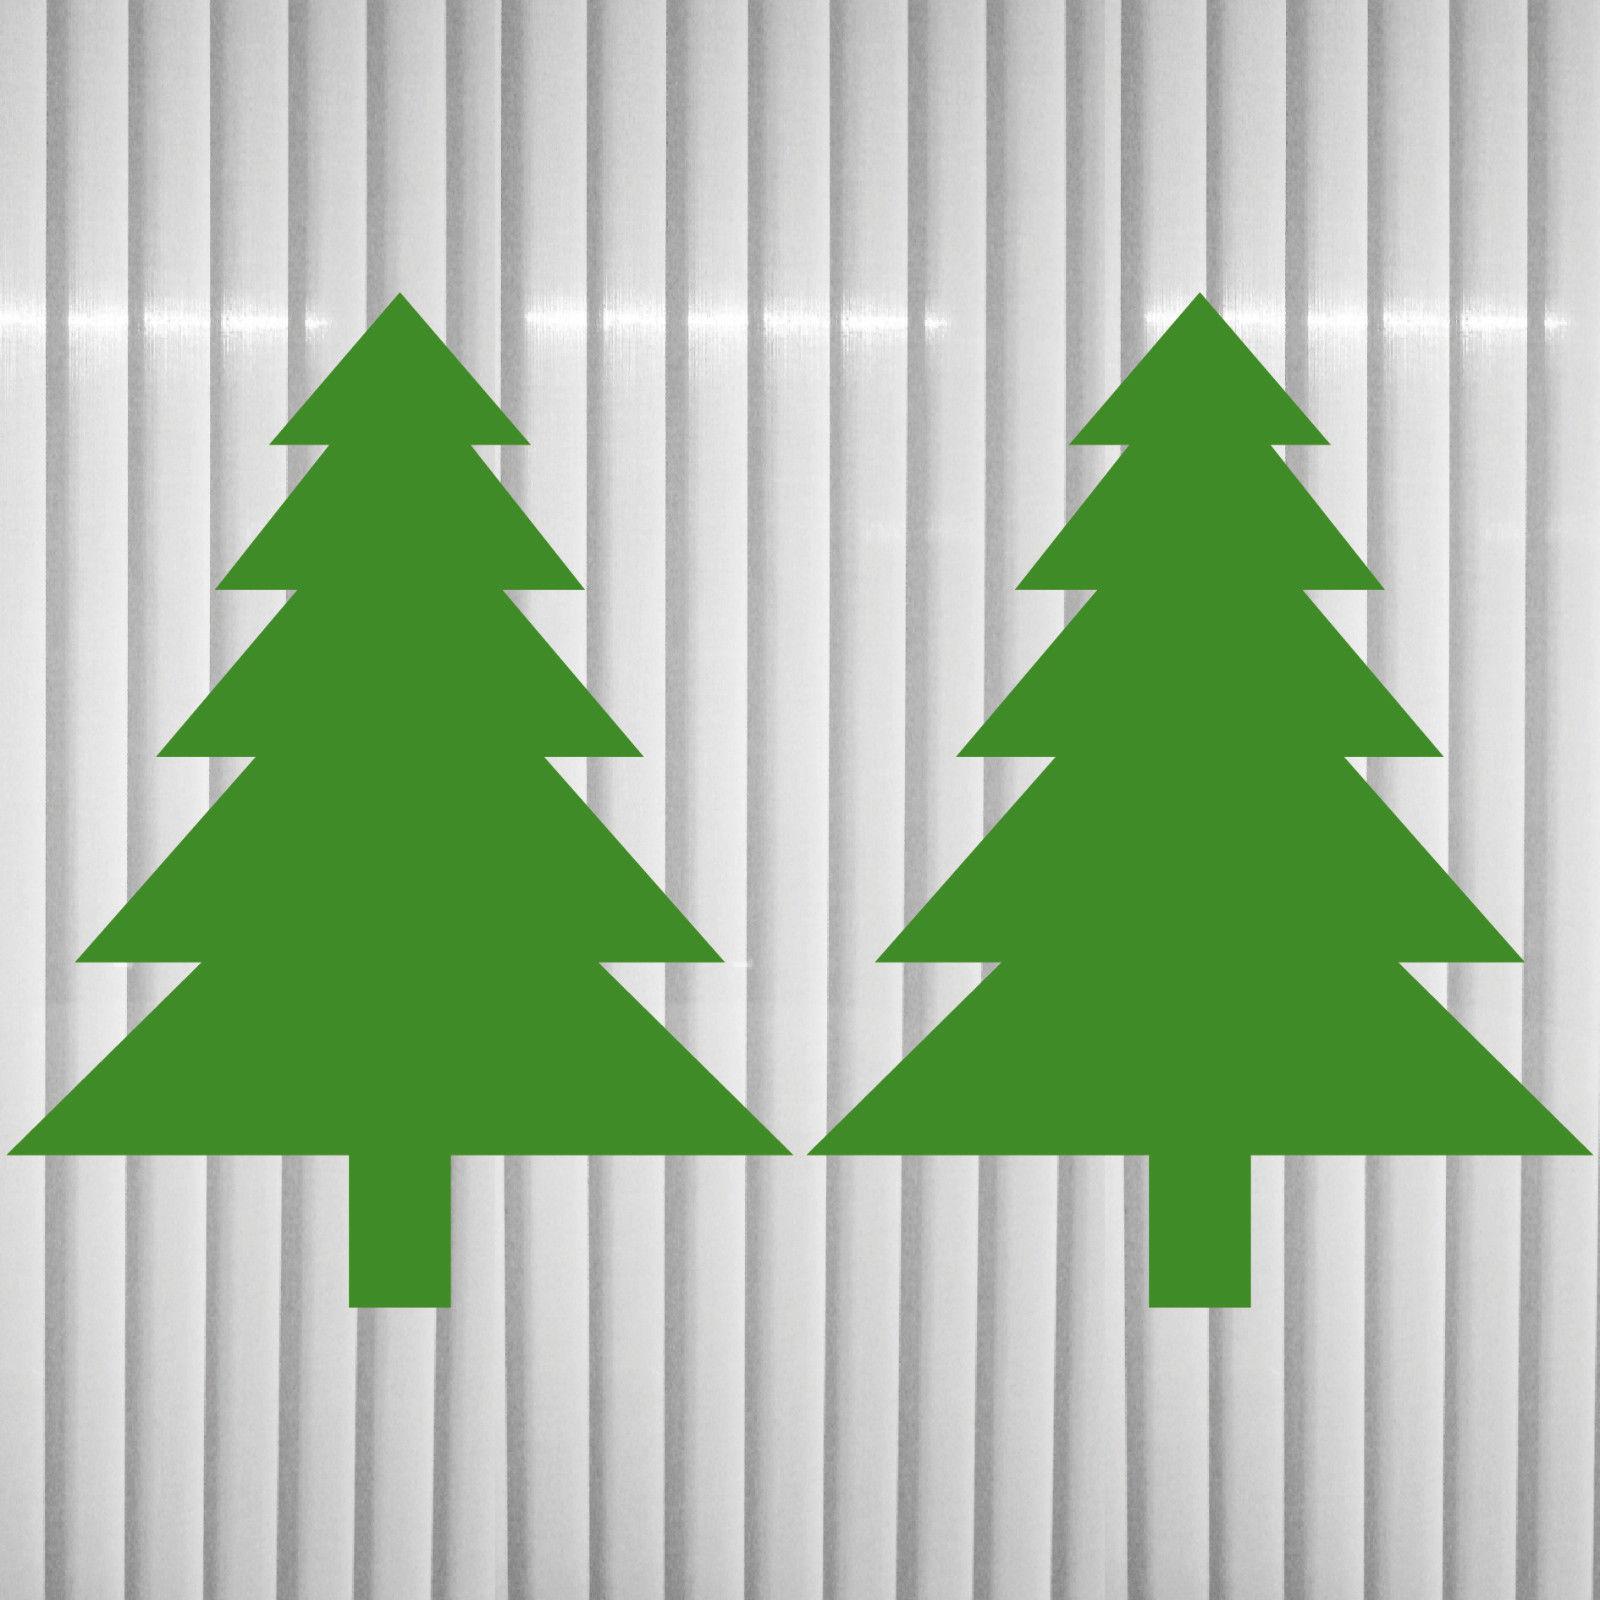 2 aufkleber 8 5cm tannenbaum tanne baum weihnachten. Black Bedroom Furniture Sets. Home Design Ideas